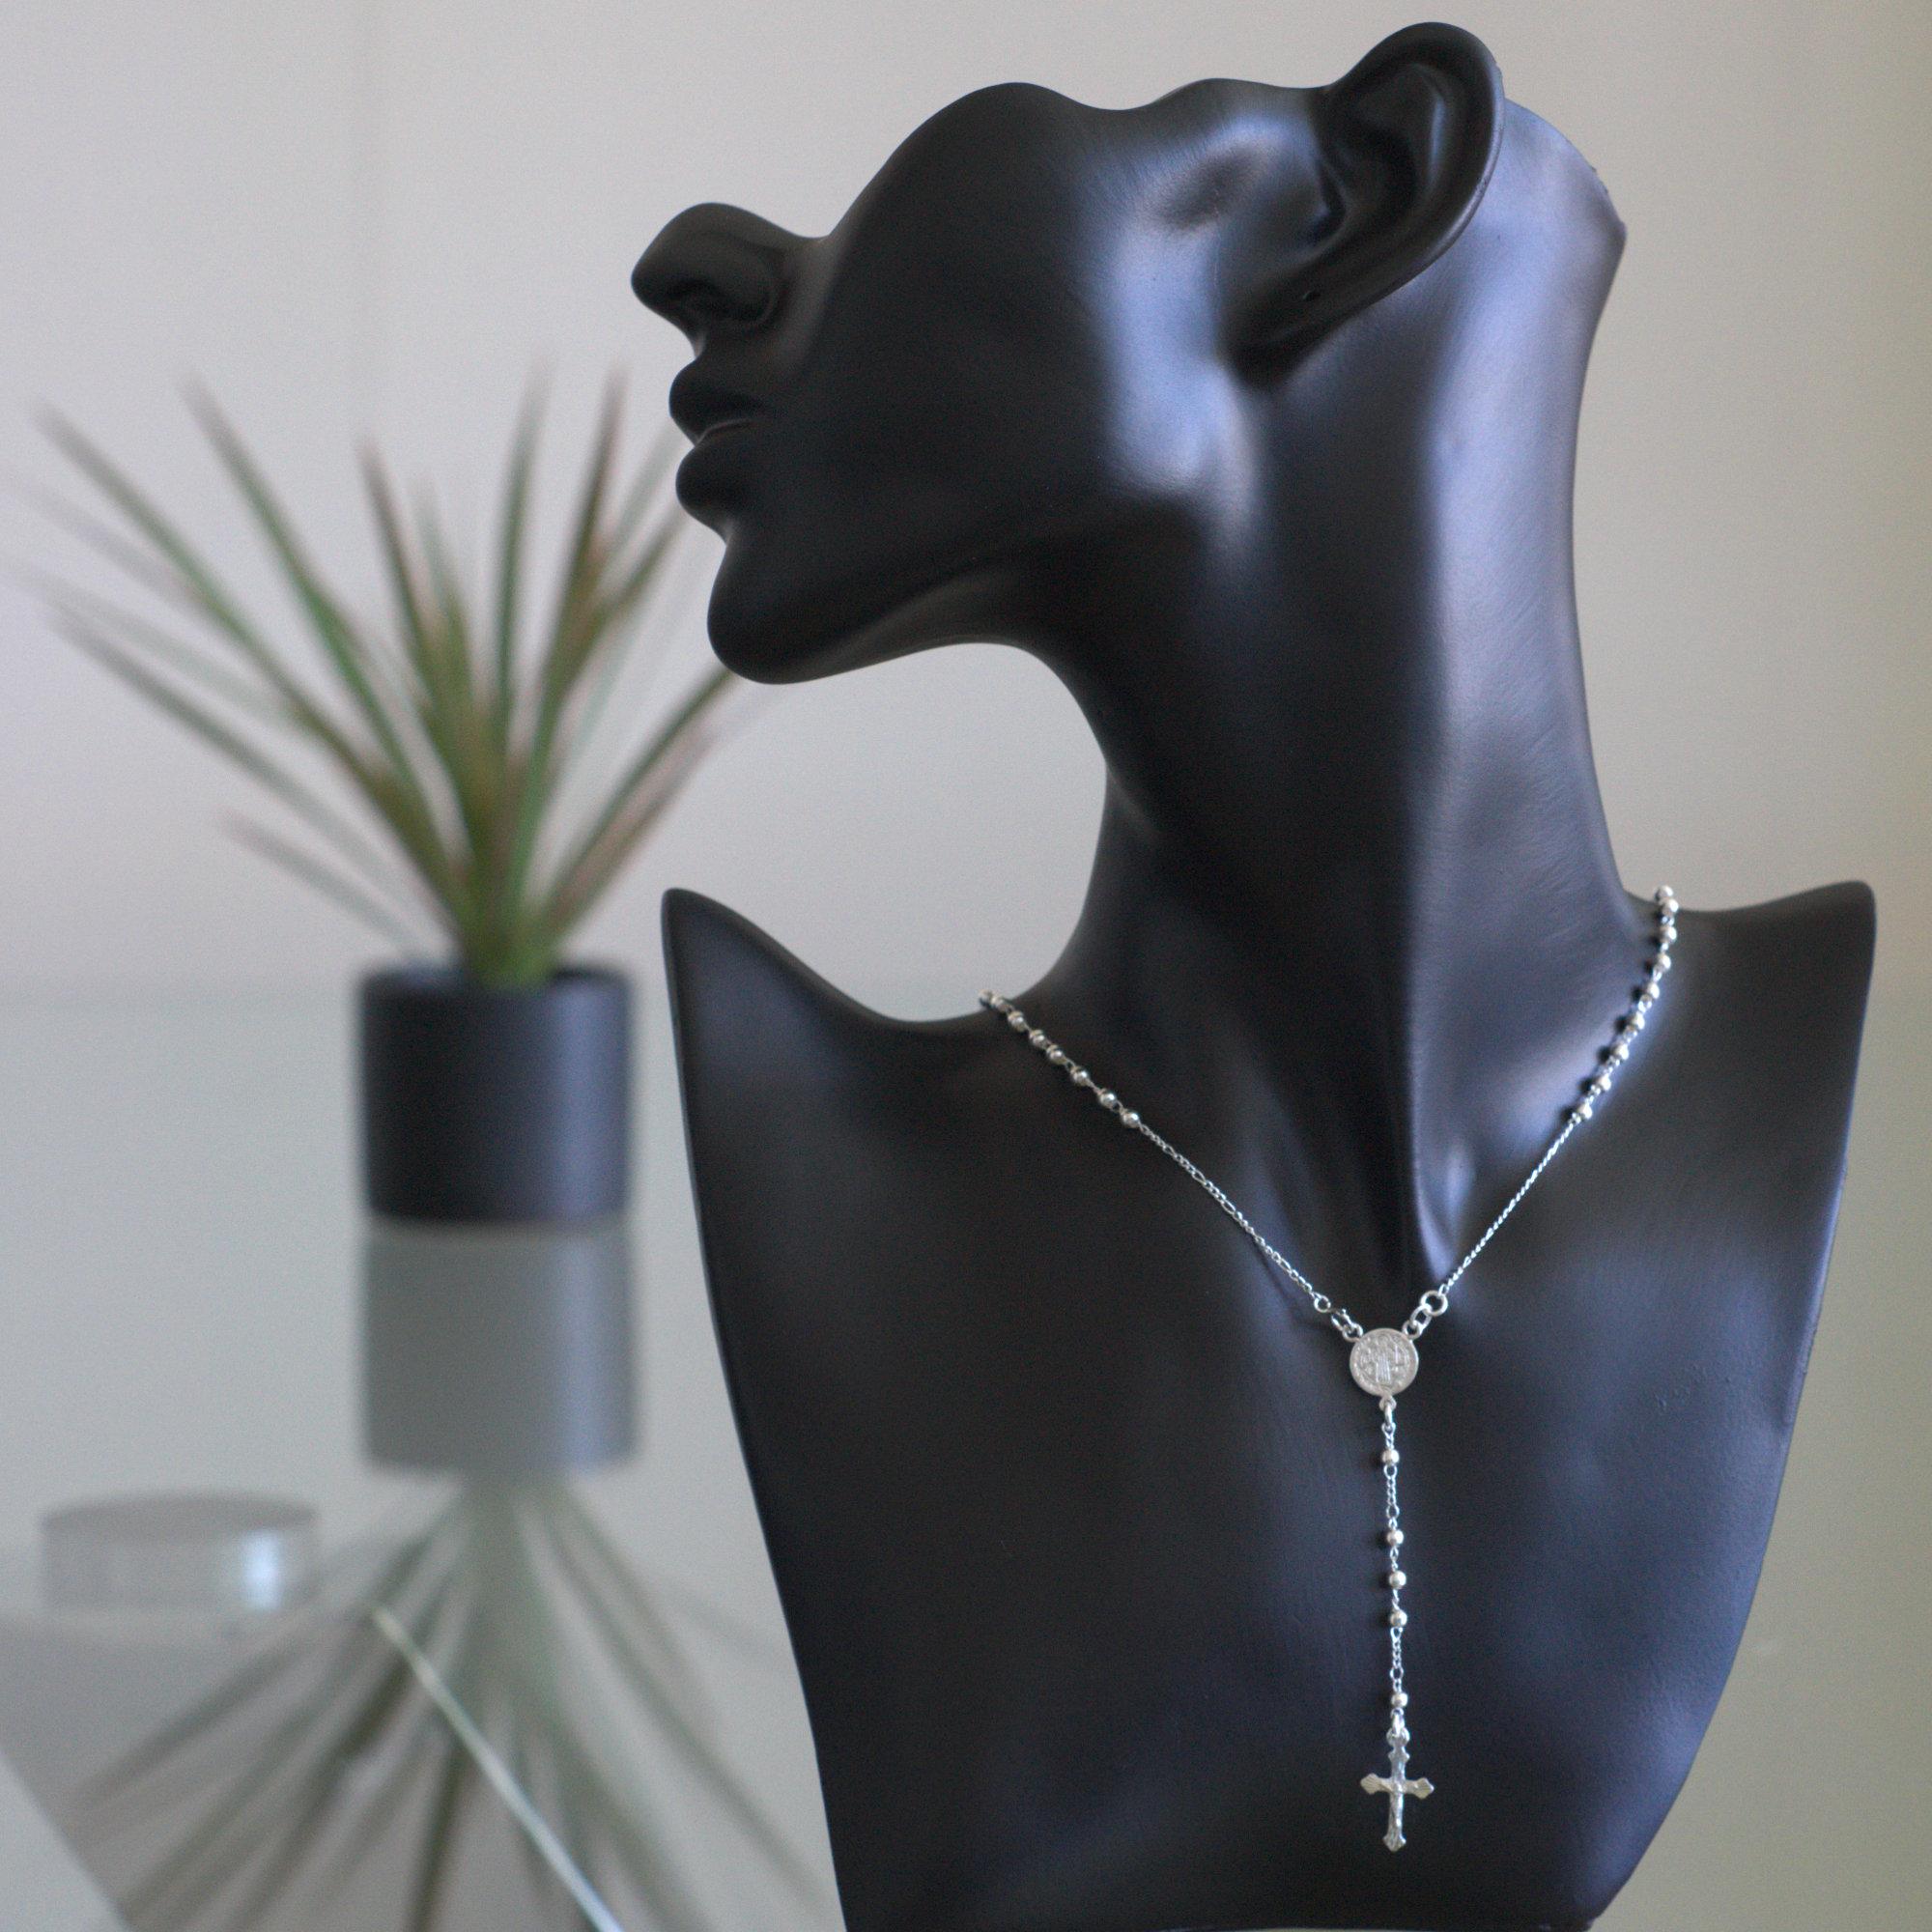 Rosary sterling silver, små bollar och kors, med glansig finish.